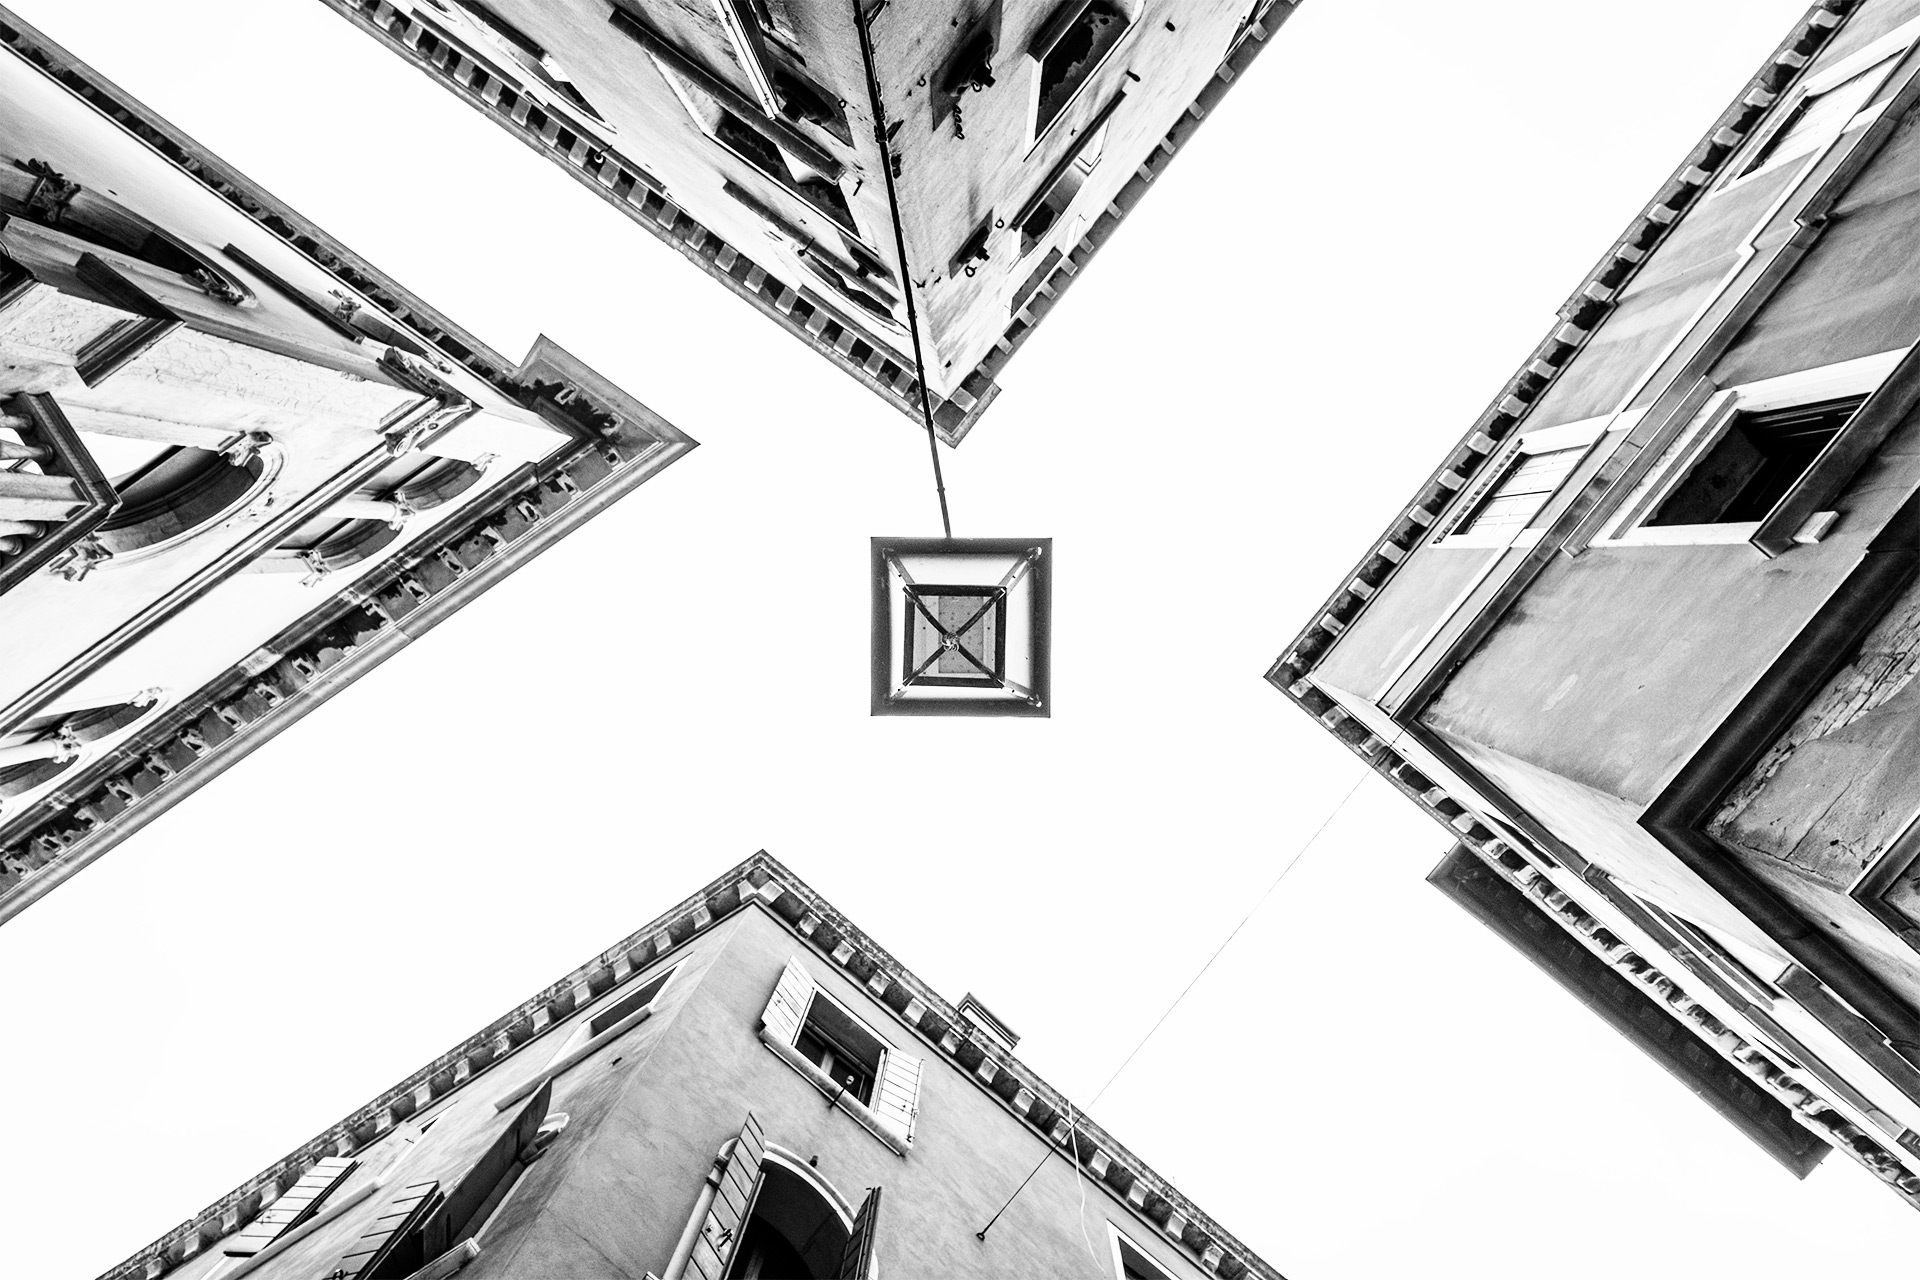 Composition 101 / Show the Original, Photography, Fujinon XF 16-55mm f/2.8, Fujifilm X-T2, Black & White, Architectural Photography [composition 101 f]